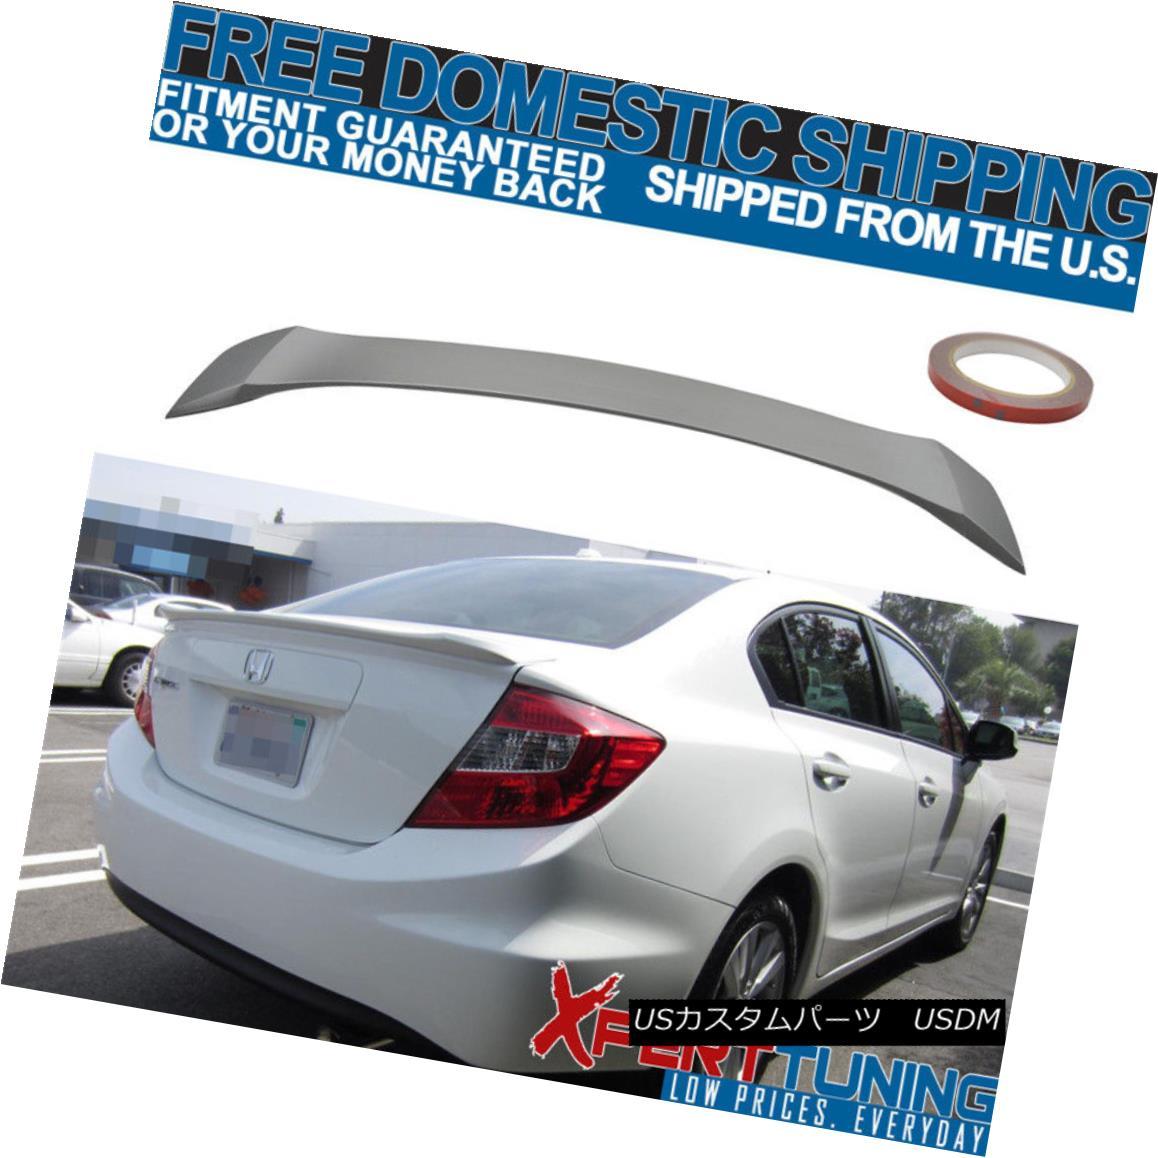 エアロパーツ 12 13 14 15 Honda Civic 9th Gen 4Dr OE Style Unpainted ABS Trunk Spoiler 12 13 14 15ホンダシビック第9世代4Dr OEスタイル無塗装ABSトランク・スポイラー